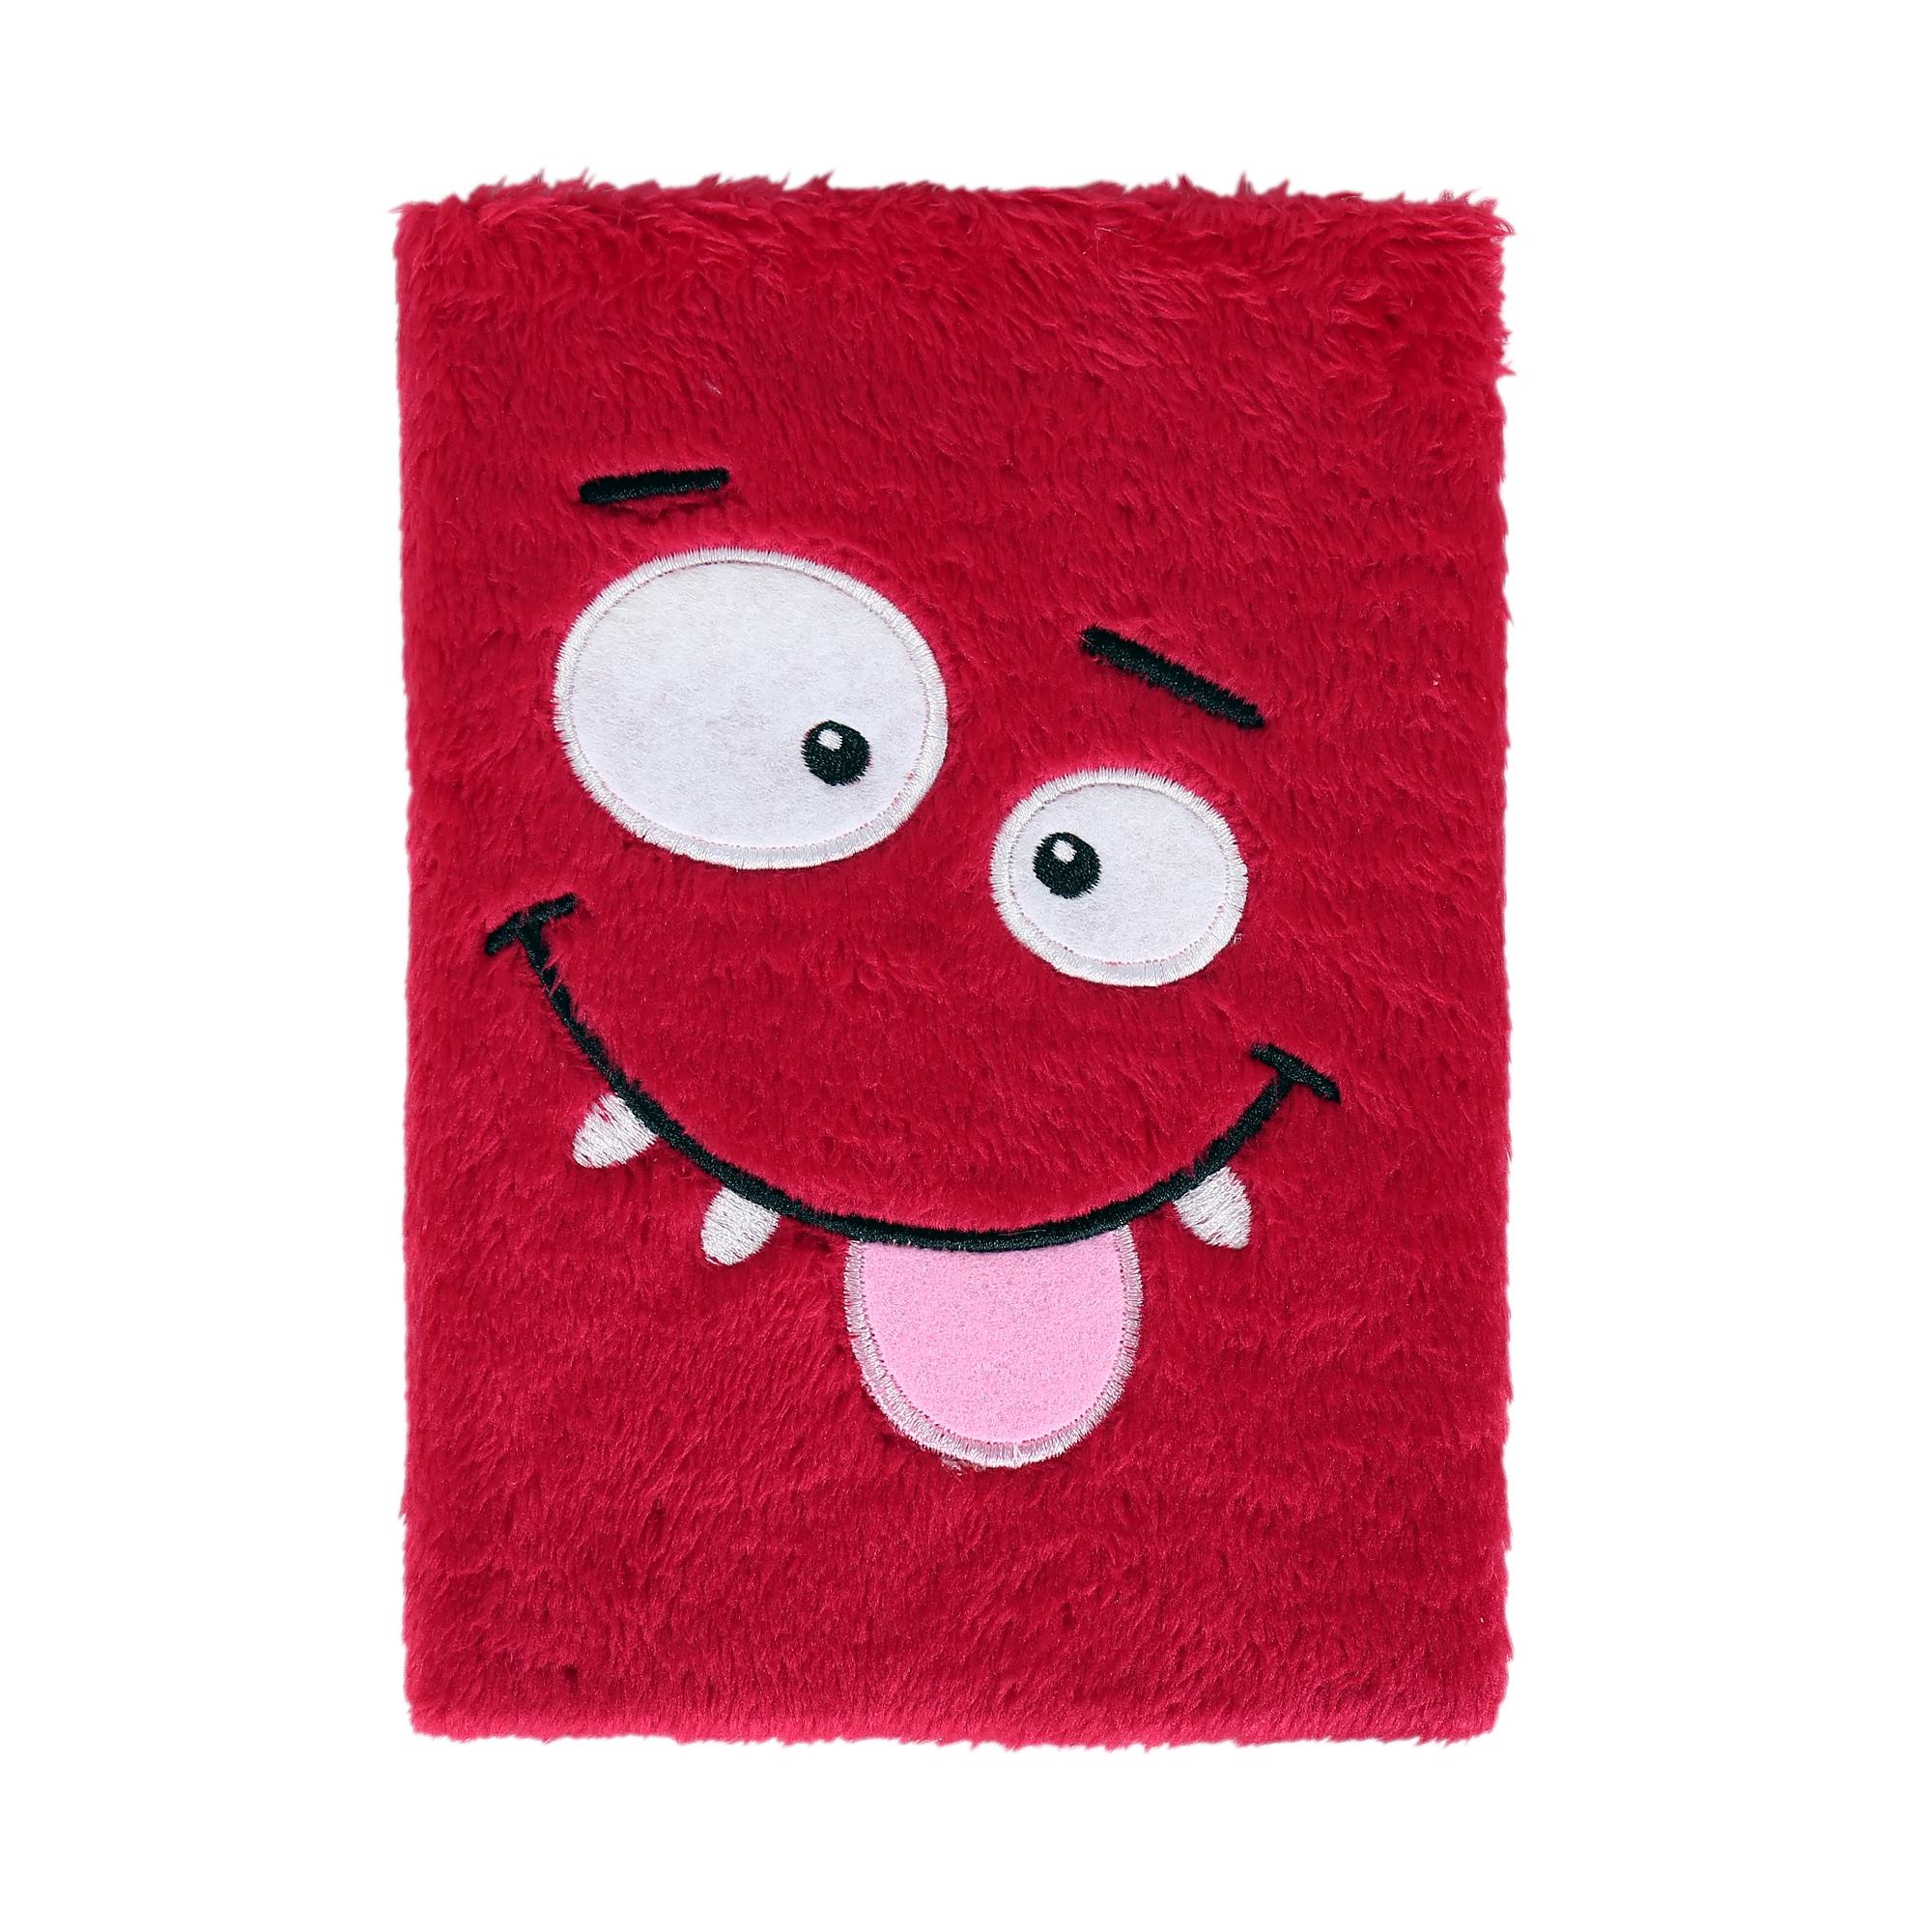 ALBI - Chlupatý blok - Červený ksichtík